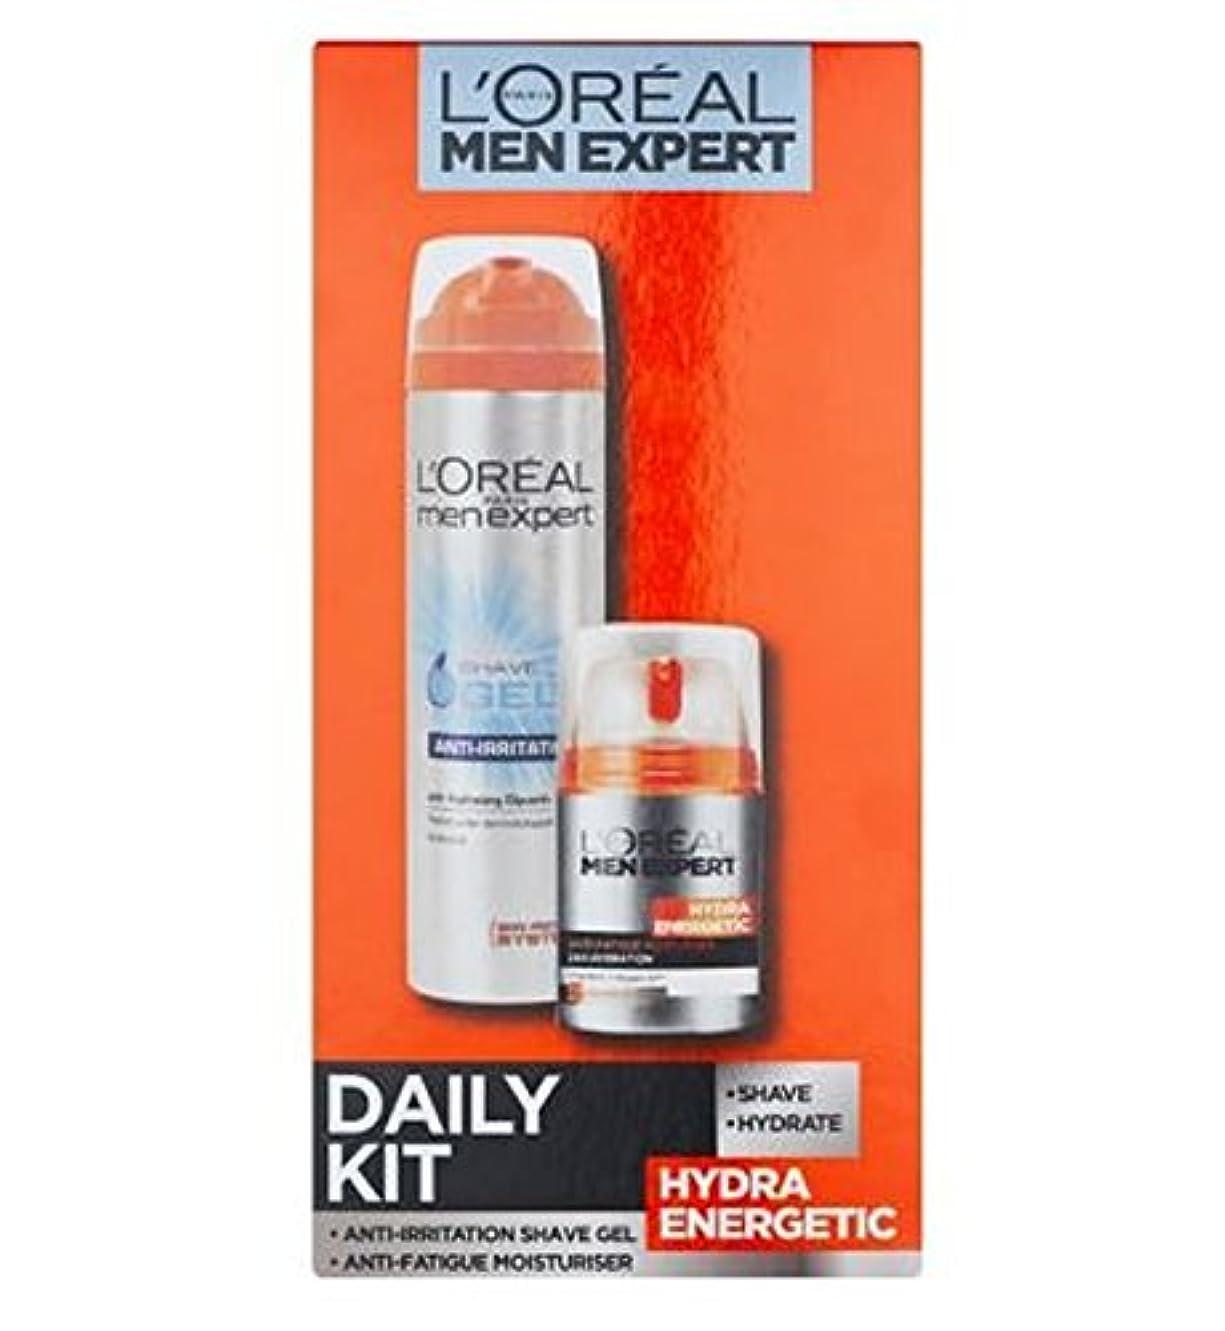 変更ためらう墓地L'Oreal Men Expert Hydra Energetic Daily Skincare Kit - ロレアルの男性の専門家ヒドラエネルギッシュな毎日のスキンケアキット (L'Oreal) [並行輸入品]